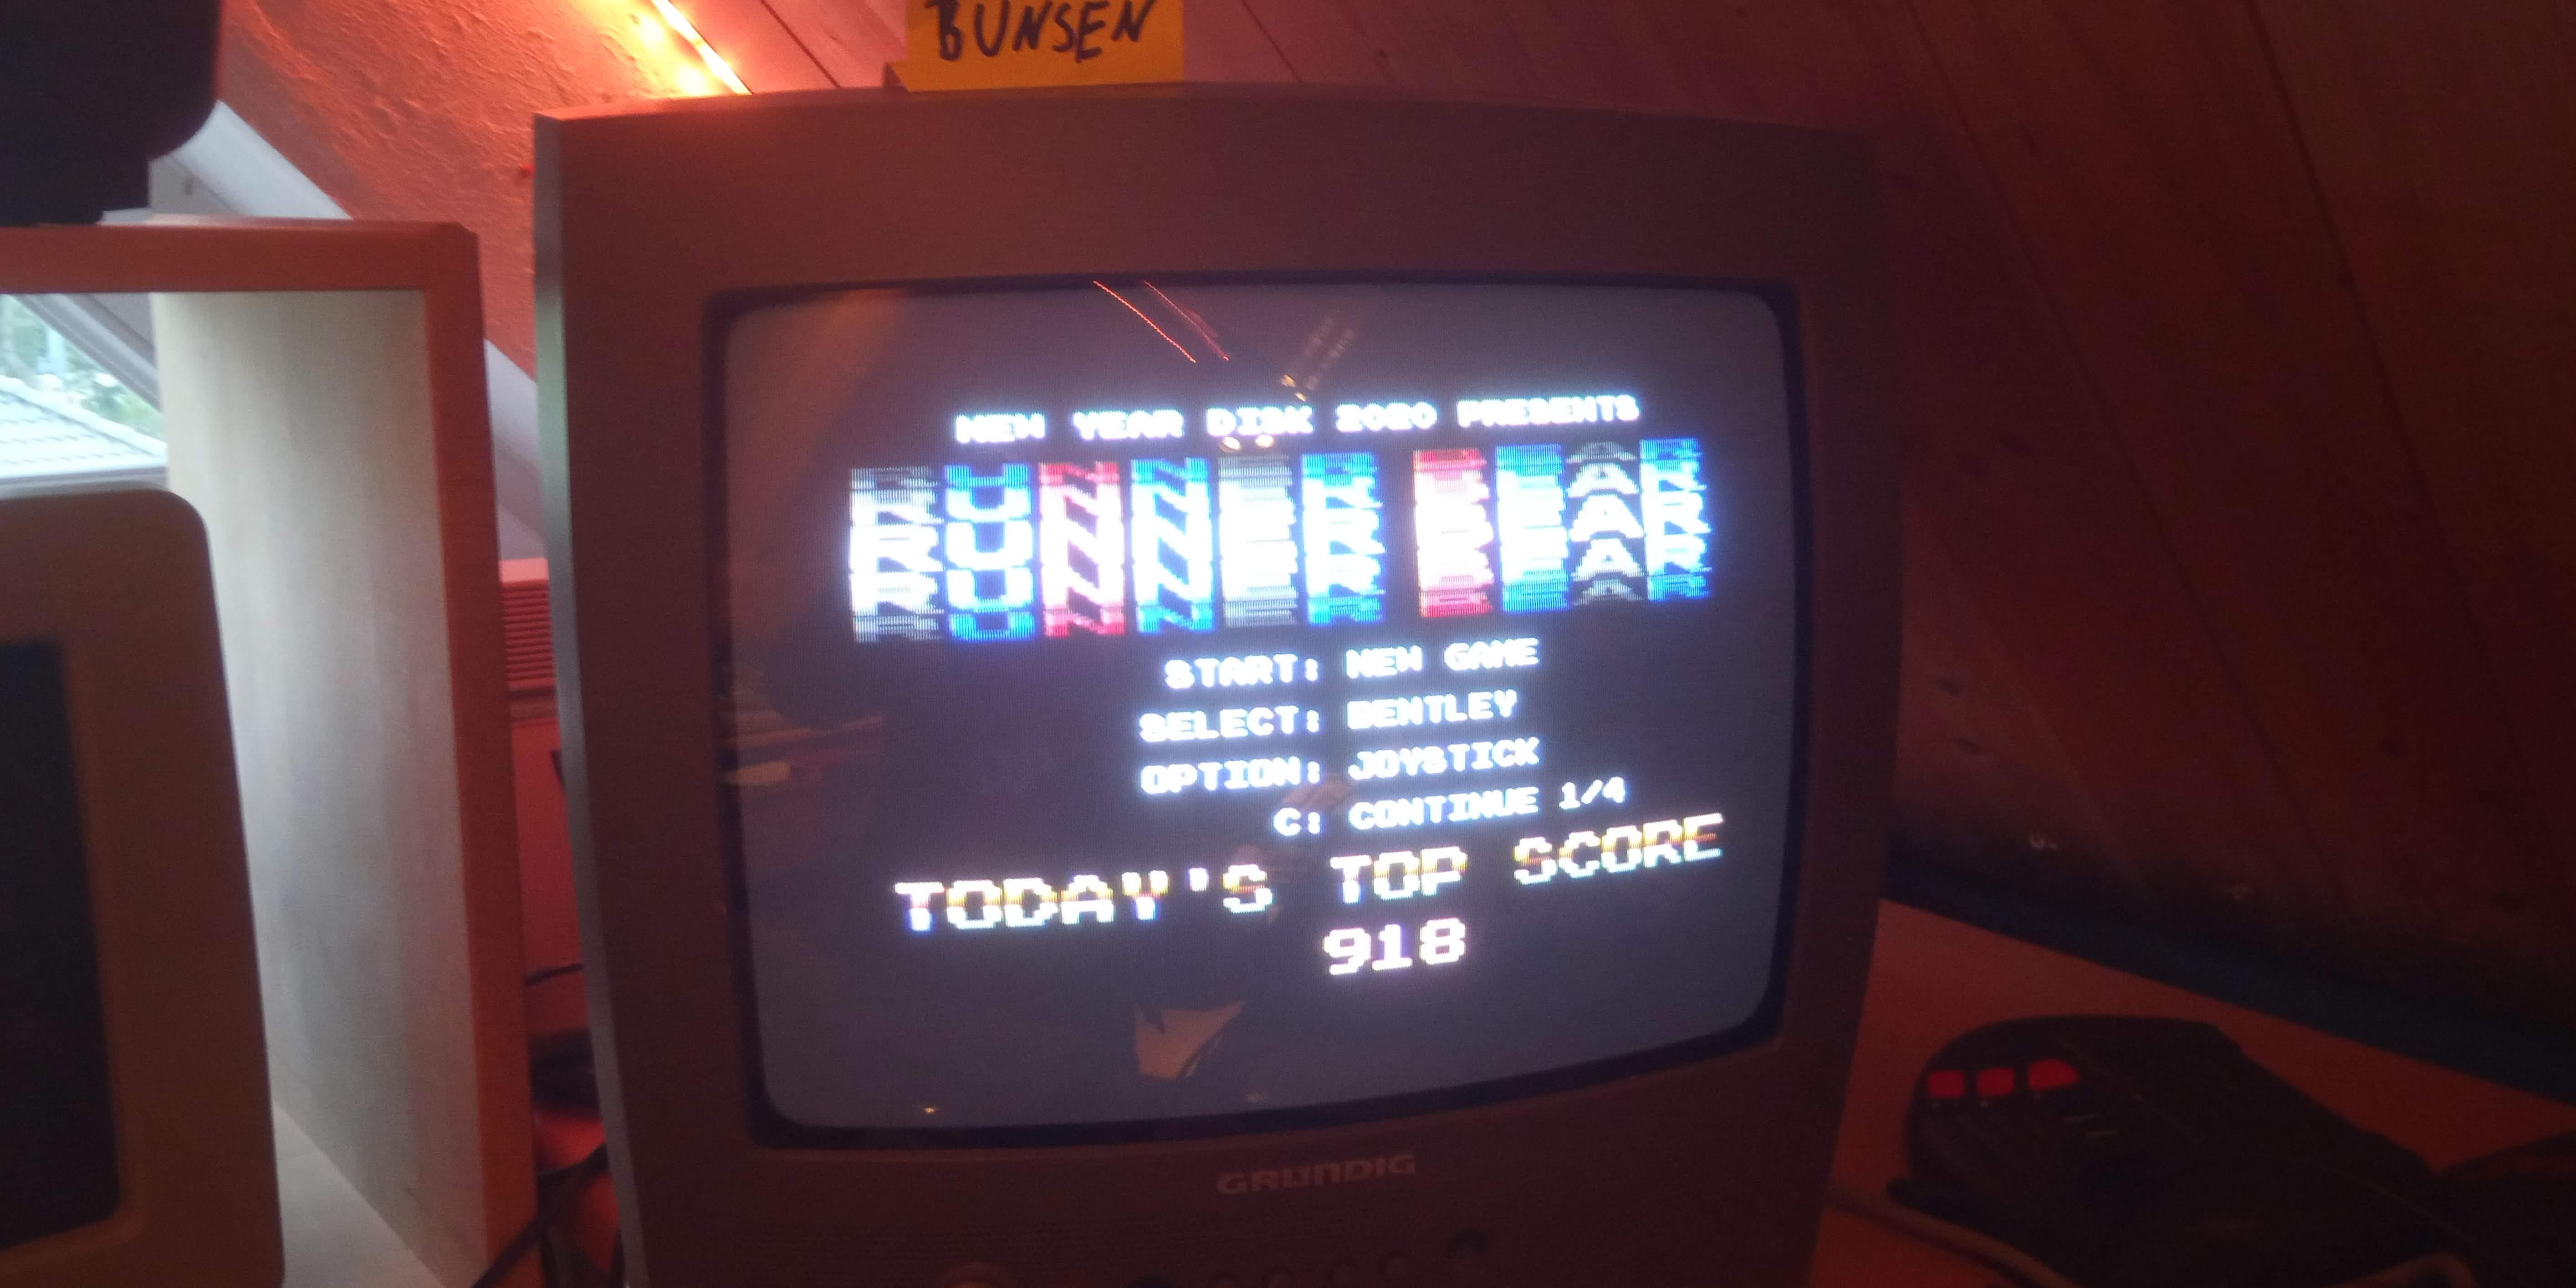 Bunsen: Runner Bear [Bentley] (Atari 400/800/XL/XE) 918 points on 2020-05-18 13:06:02